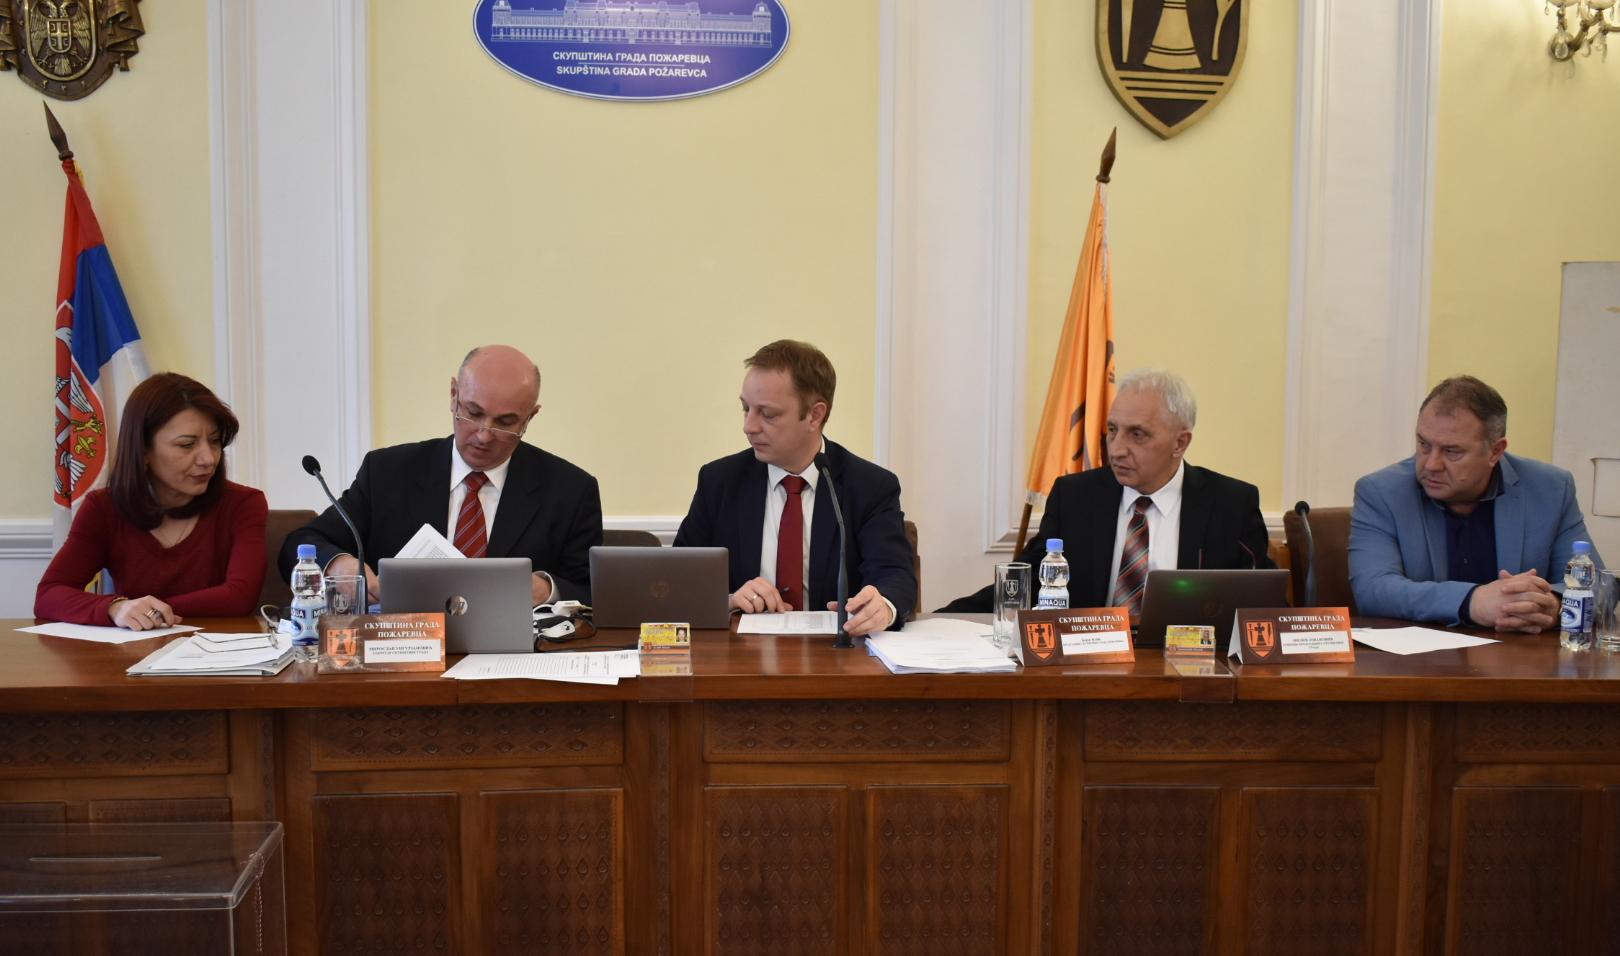 Skupština grada Požarevca